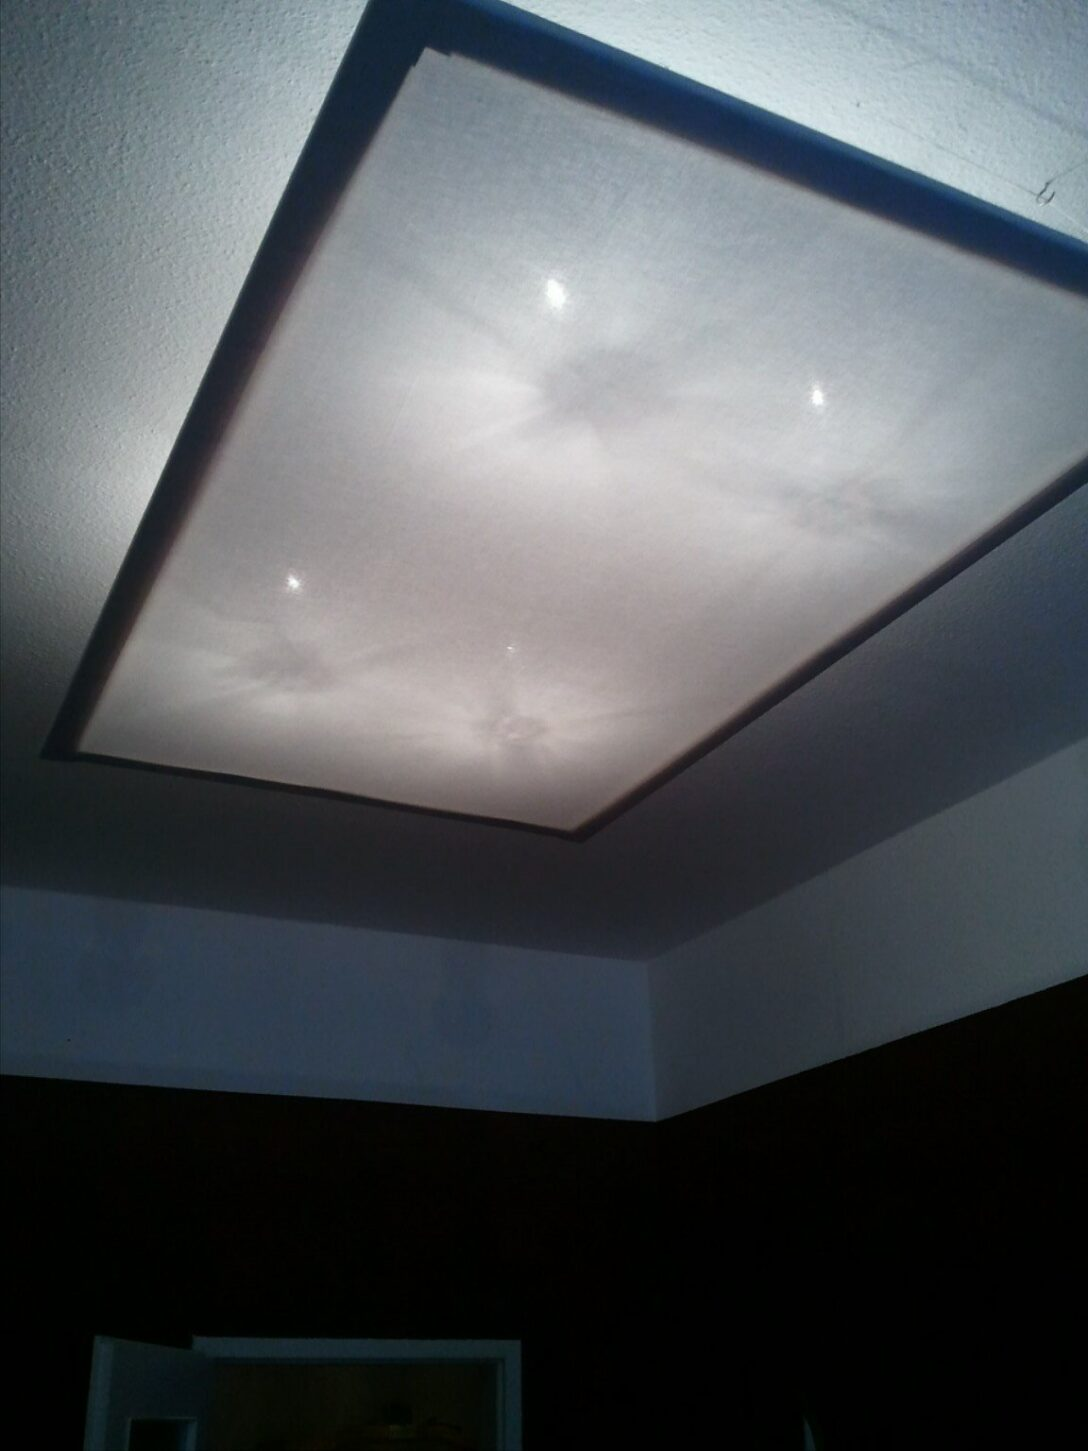 Large Size of Deckenlampen Ideen Deckenlampe Schlafzimmer Wohnzimmer Deckenleuchte Solarpanelsindelhi Eine Neue Tapeten Bad Renovieren Modern Für Wohnzimmer Deckenlampen Ideen